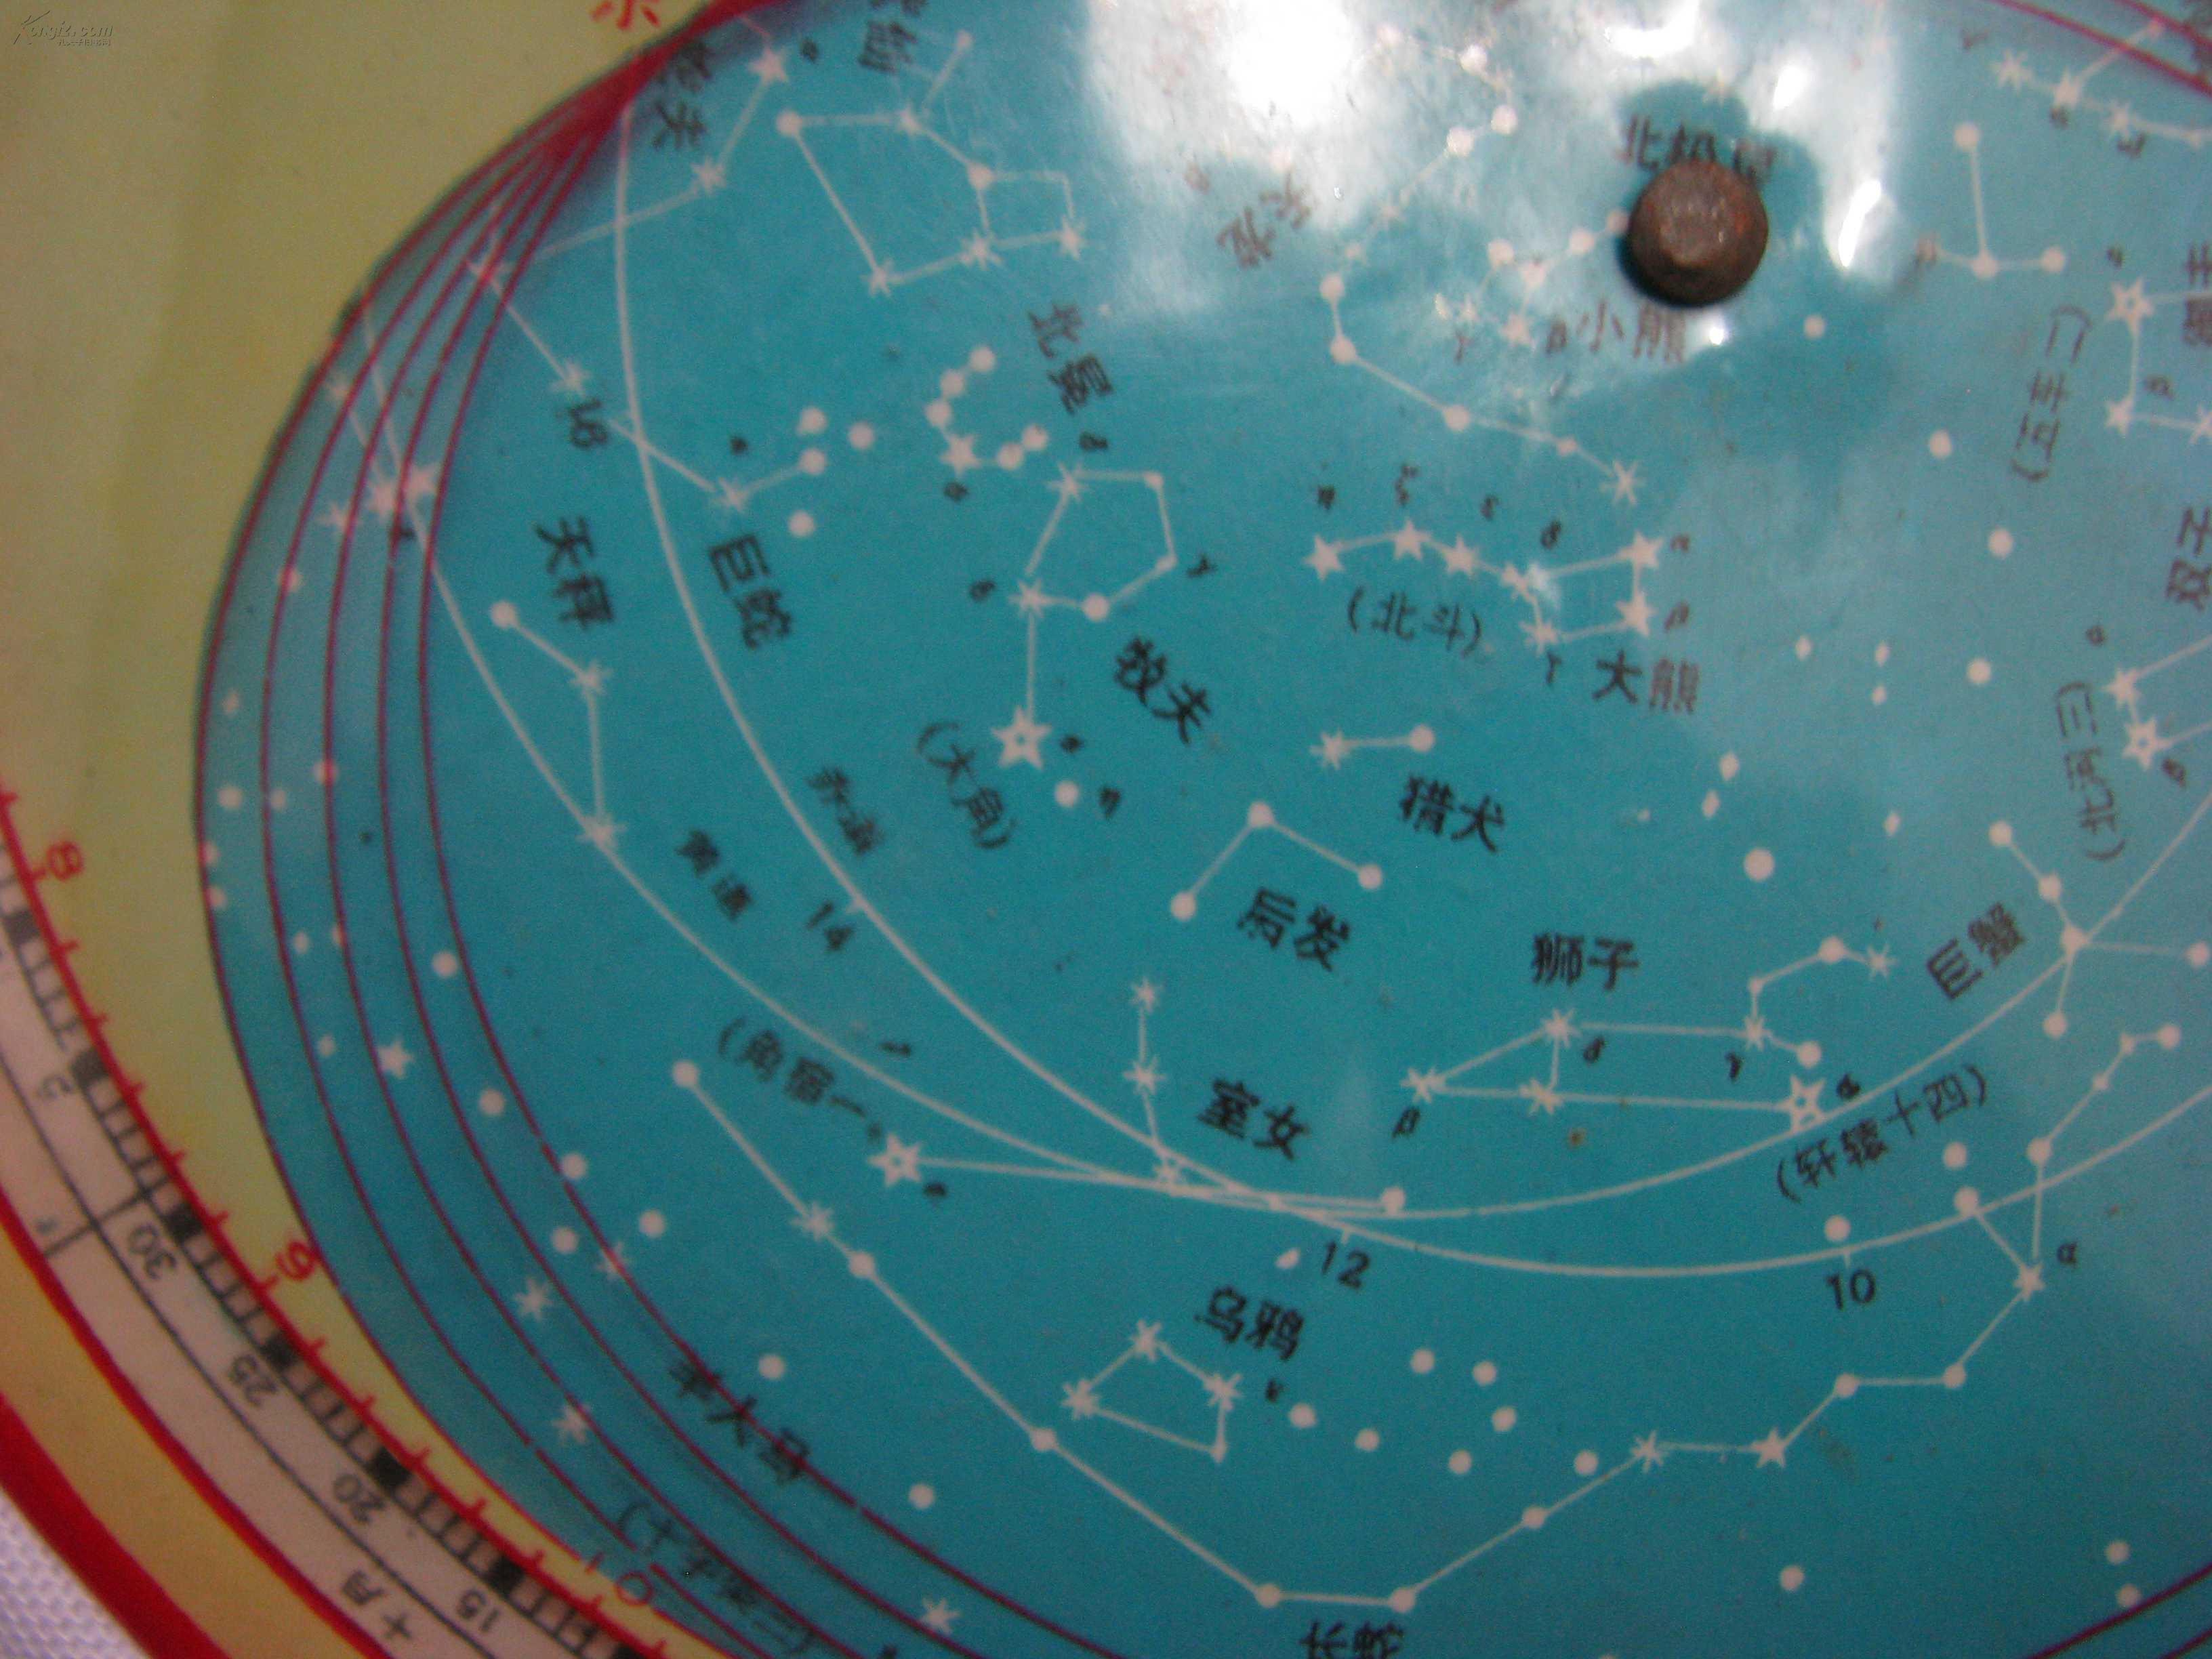 十二星座星图